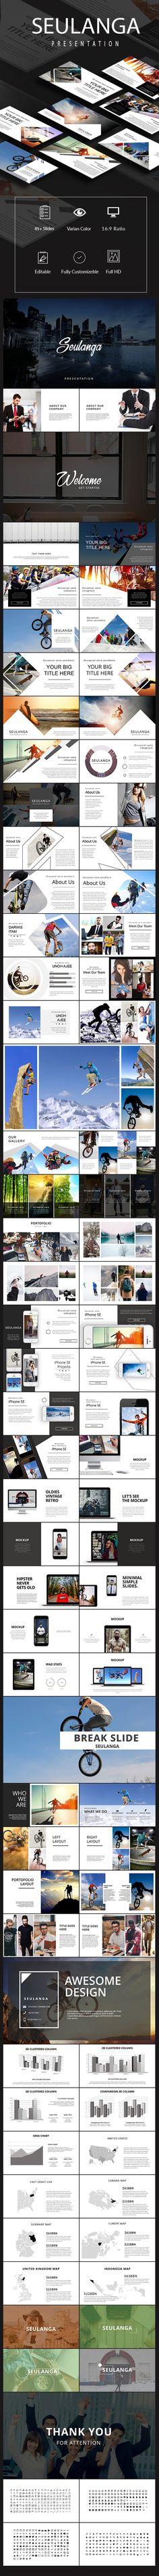 Seulanga Presentation templates (PowerPoint Templates)